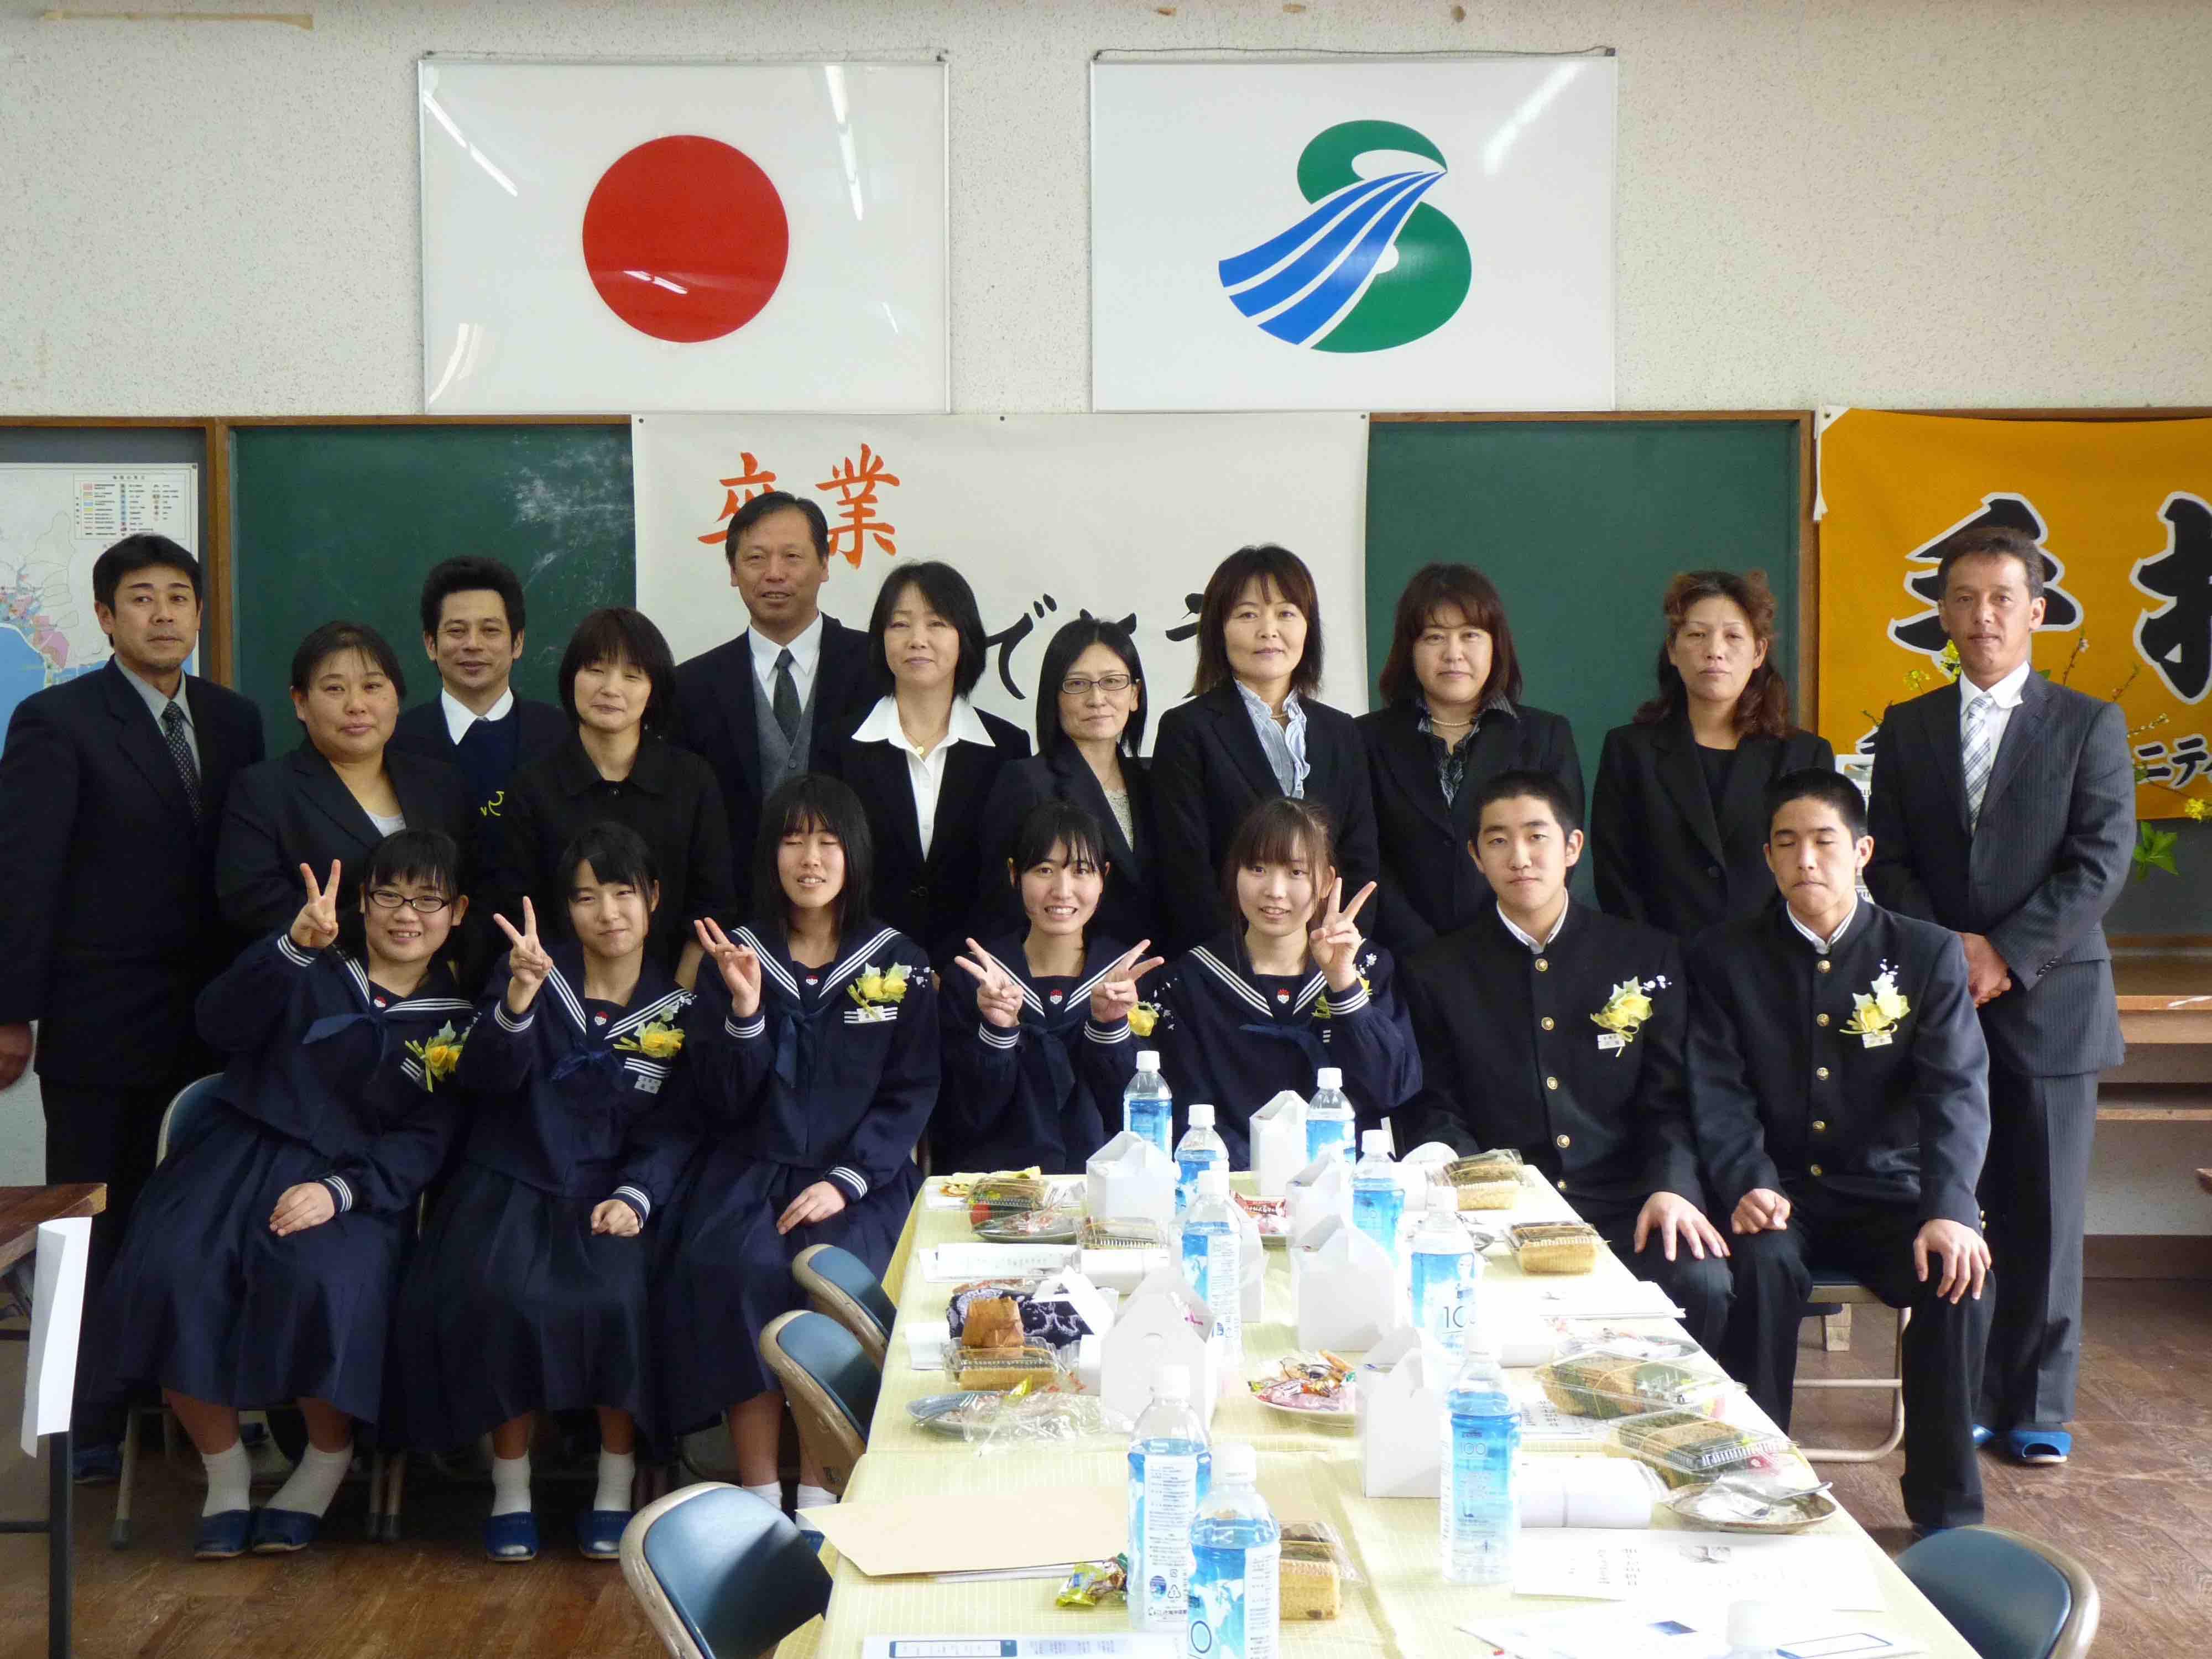 手打地区コミュニティ協議会 :: ブログ      ::  海陽中学校卒業生壮行会